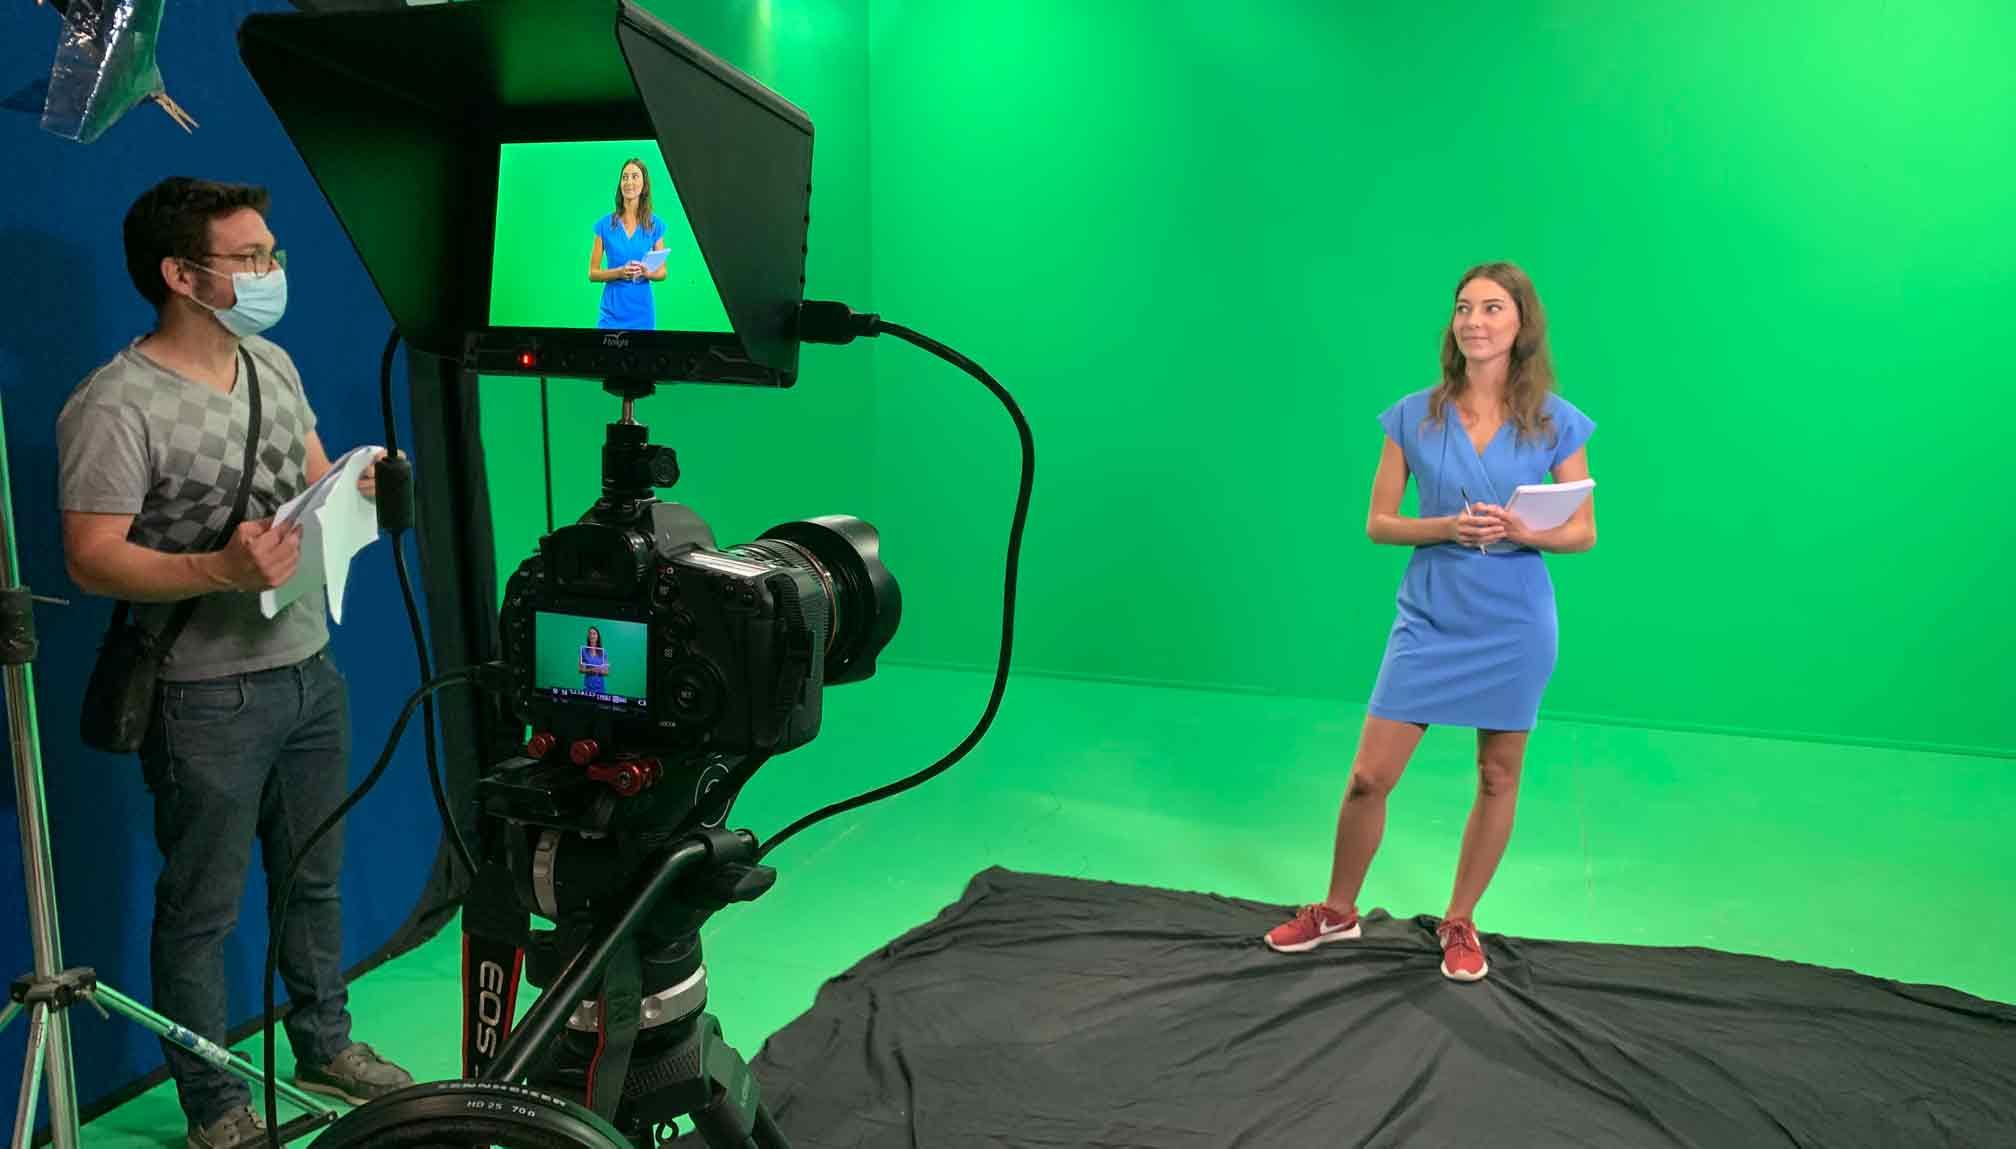 Tournage d'un clip au studio fond vert Vicprod